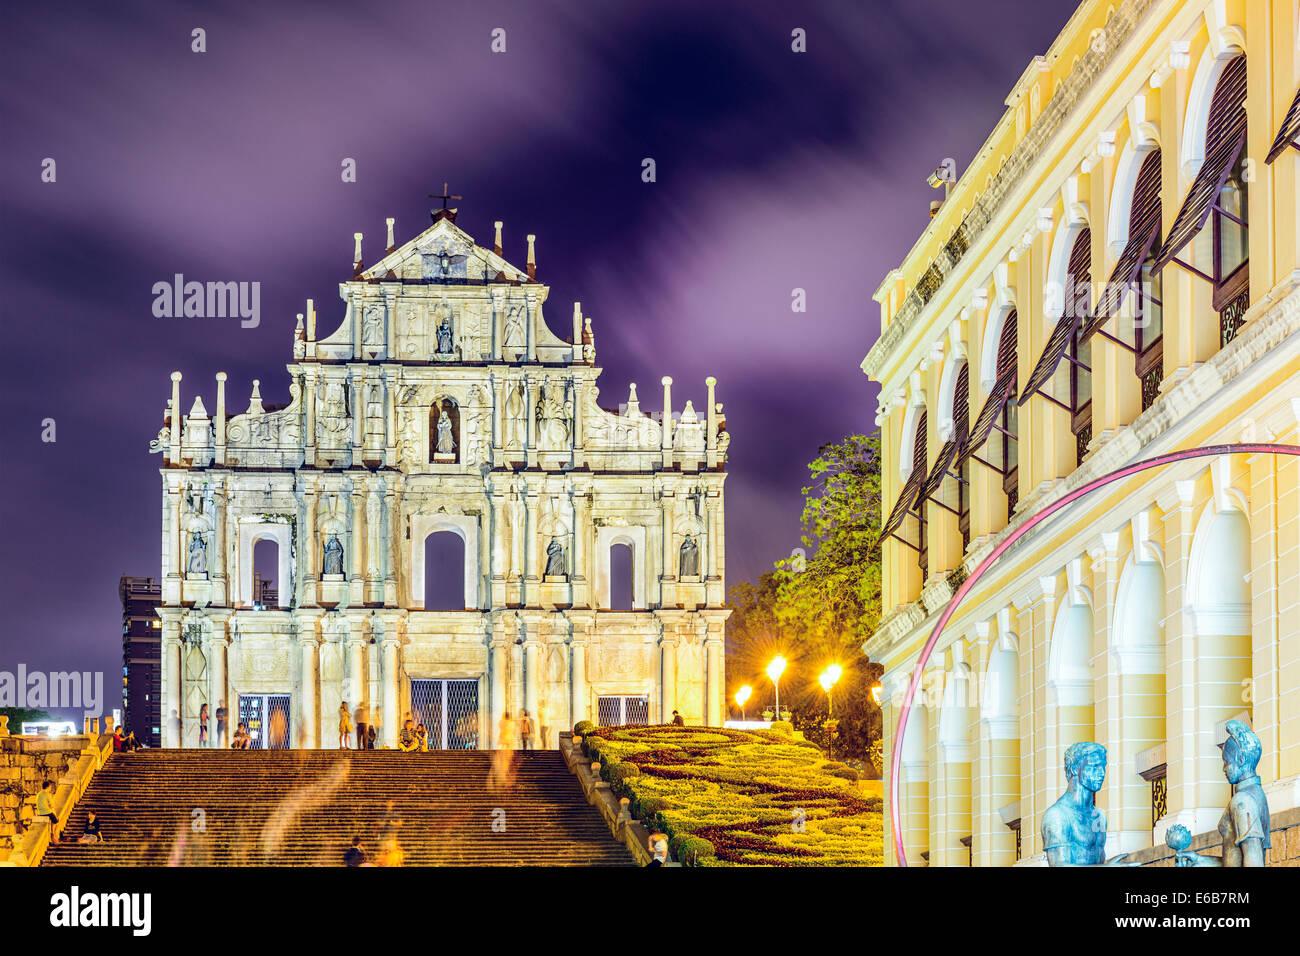 Macao alla Cina le rovine della Cattedrale di San Paolo Cattedrale. Immagini Stock